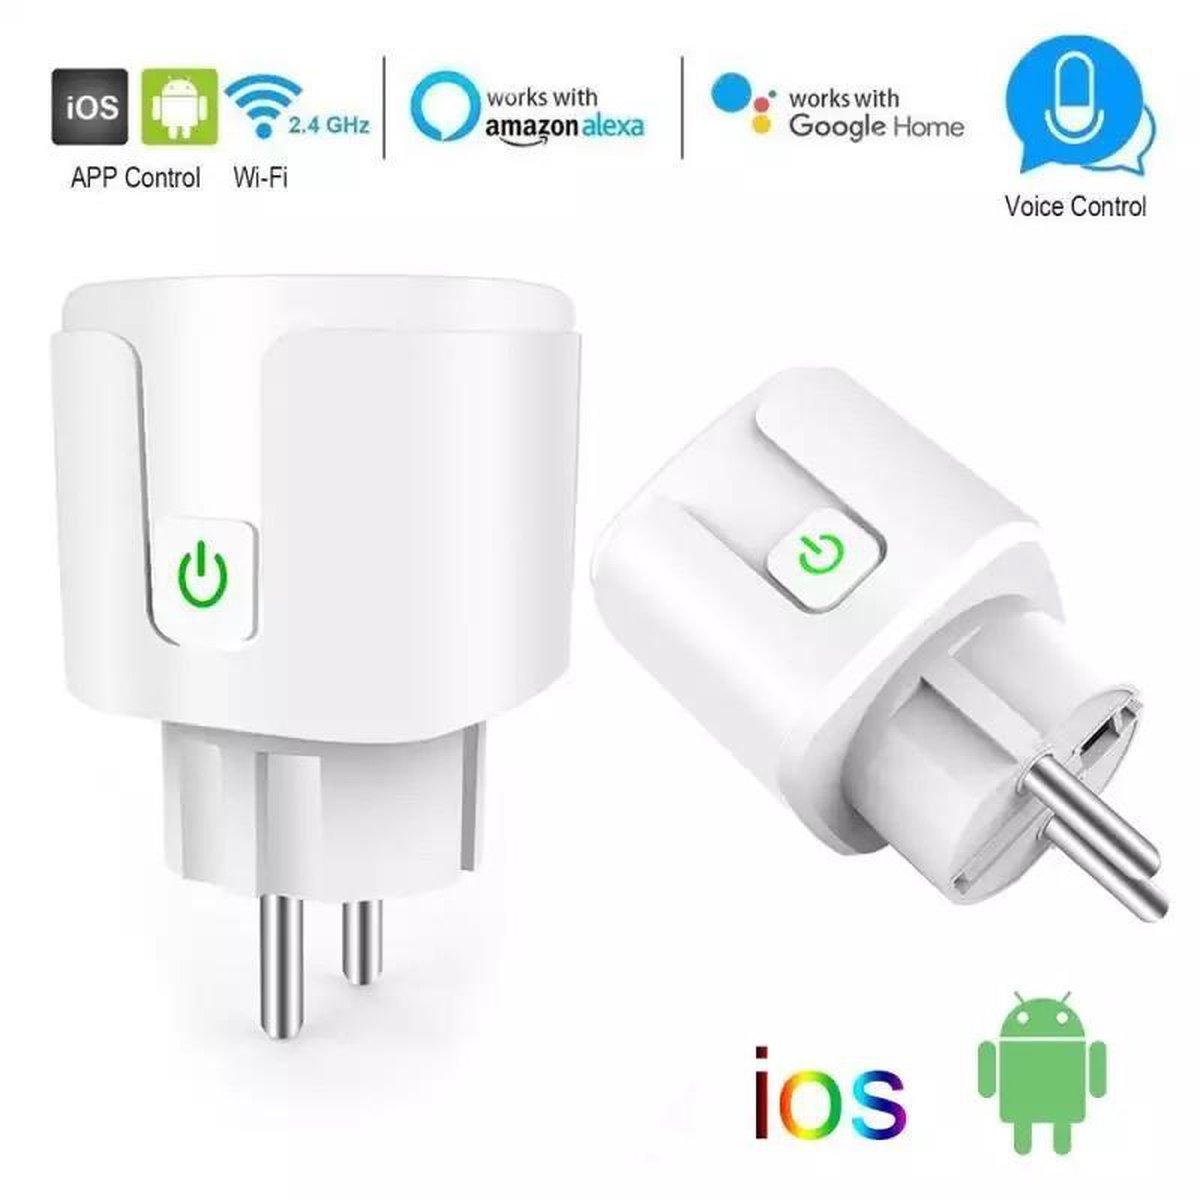 DrPhone VOICE® - Slimme Stekker- Schakelaar/Stopcontact - Smart Home - Spraakgestuurd bedienen - Google Home / Alexa - Beheer Apparaten Via Wifi / 4G - Wit